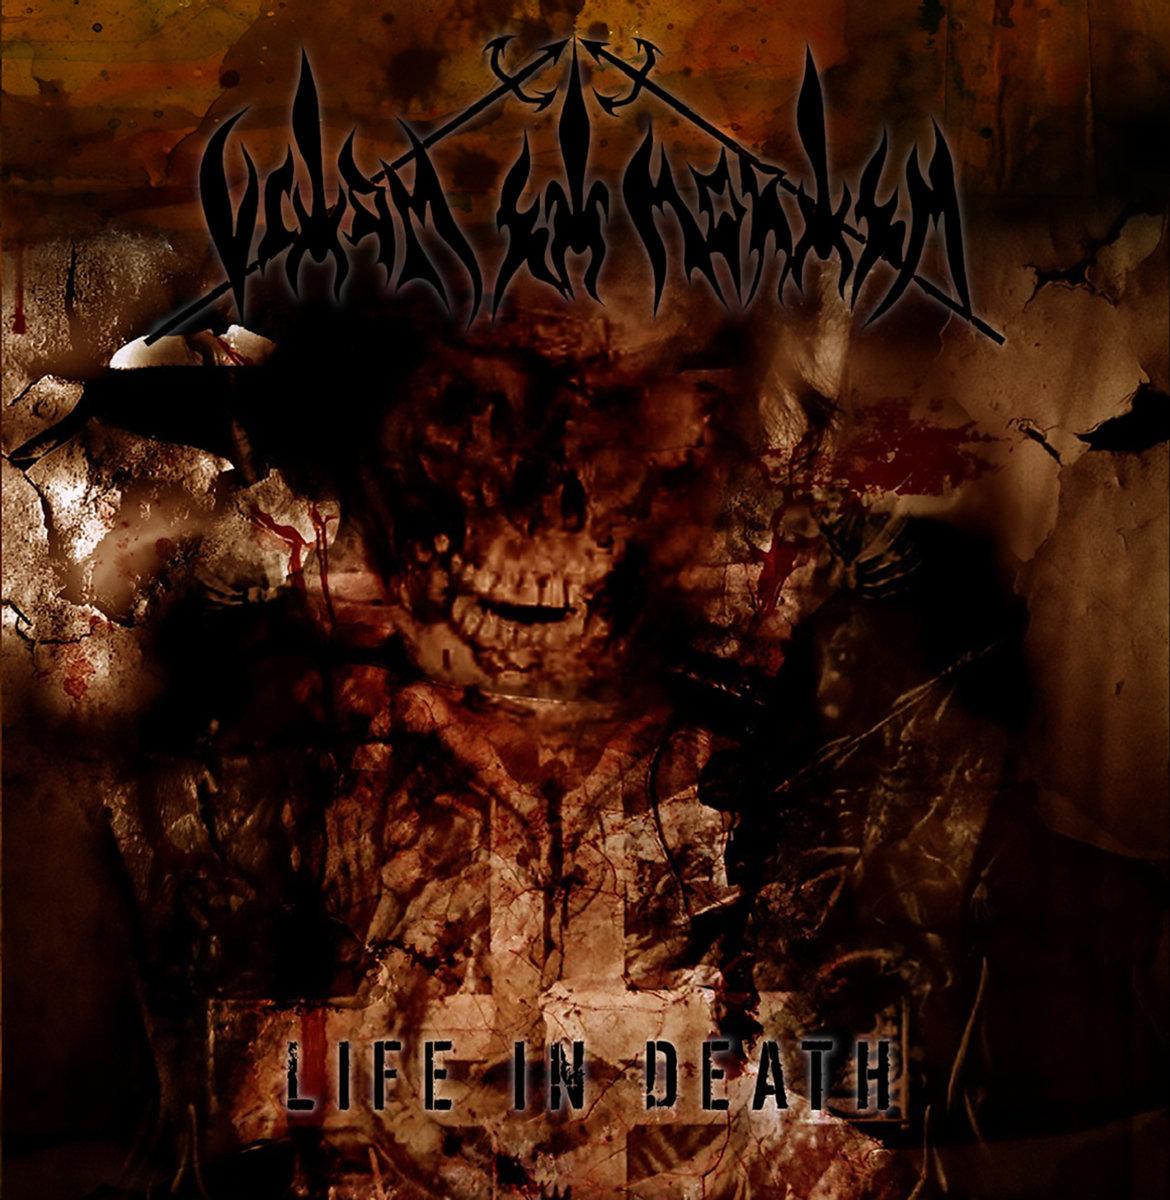 vitam et mortem death metal 666